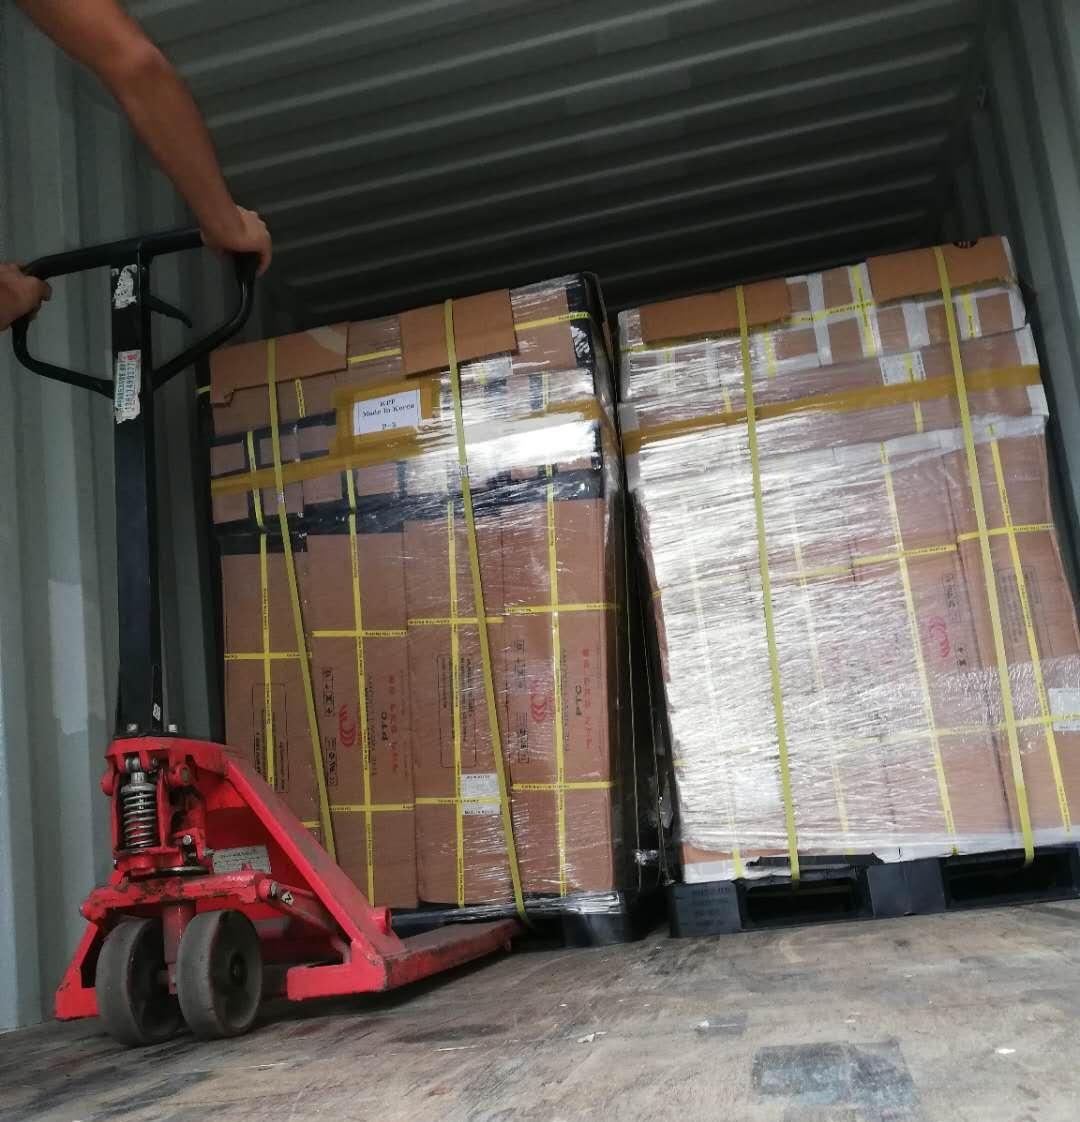 进口货物国内分流